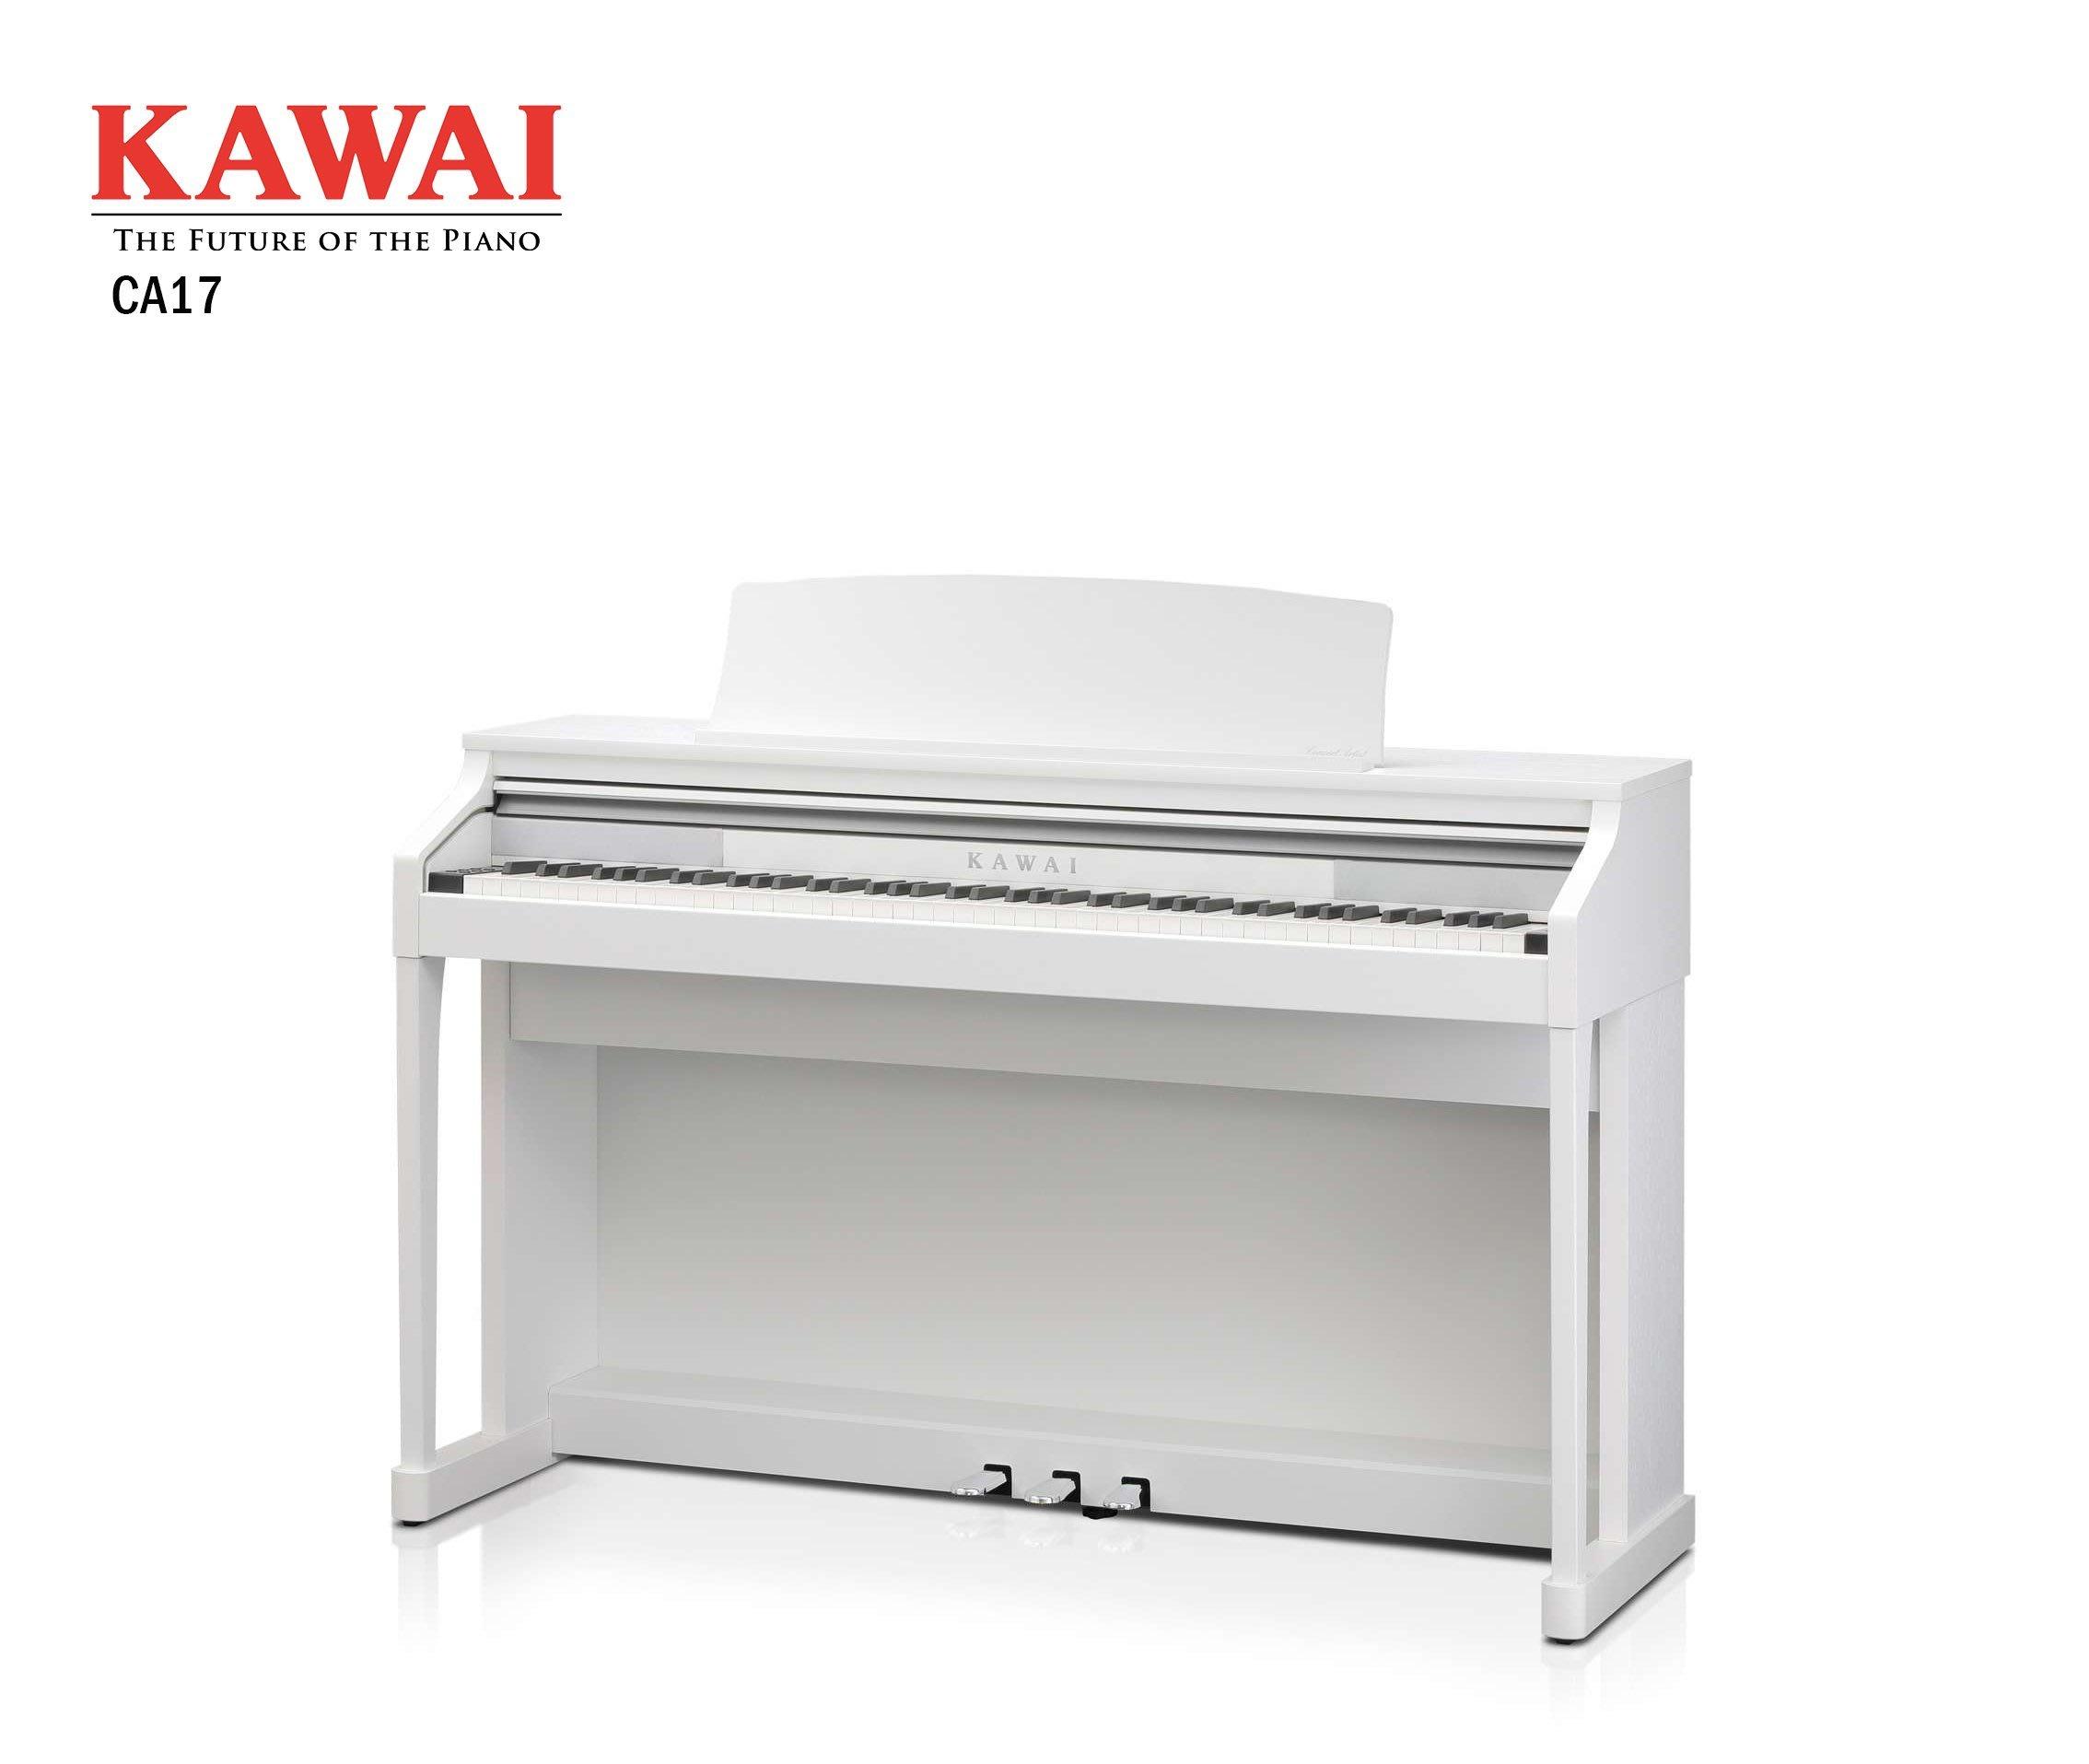 【現代樂器】免運! KAWAI CA-17 88鍵 數位鋼琴 電鋼琴 白色款 公司貨保固 CA17